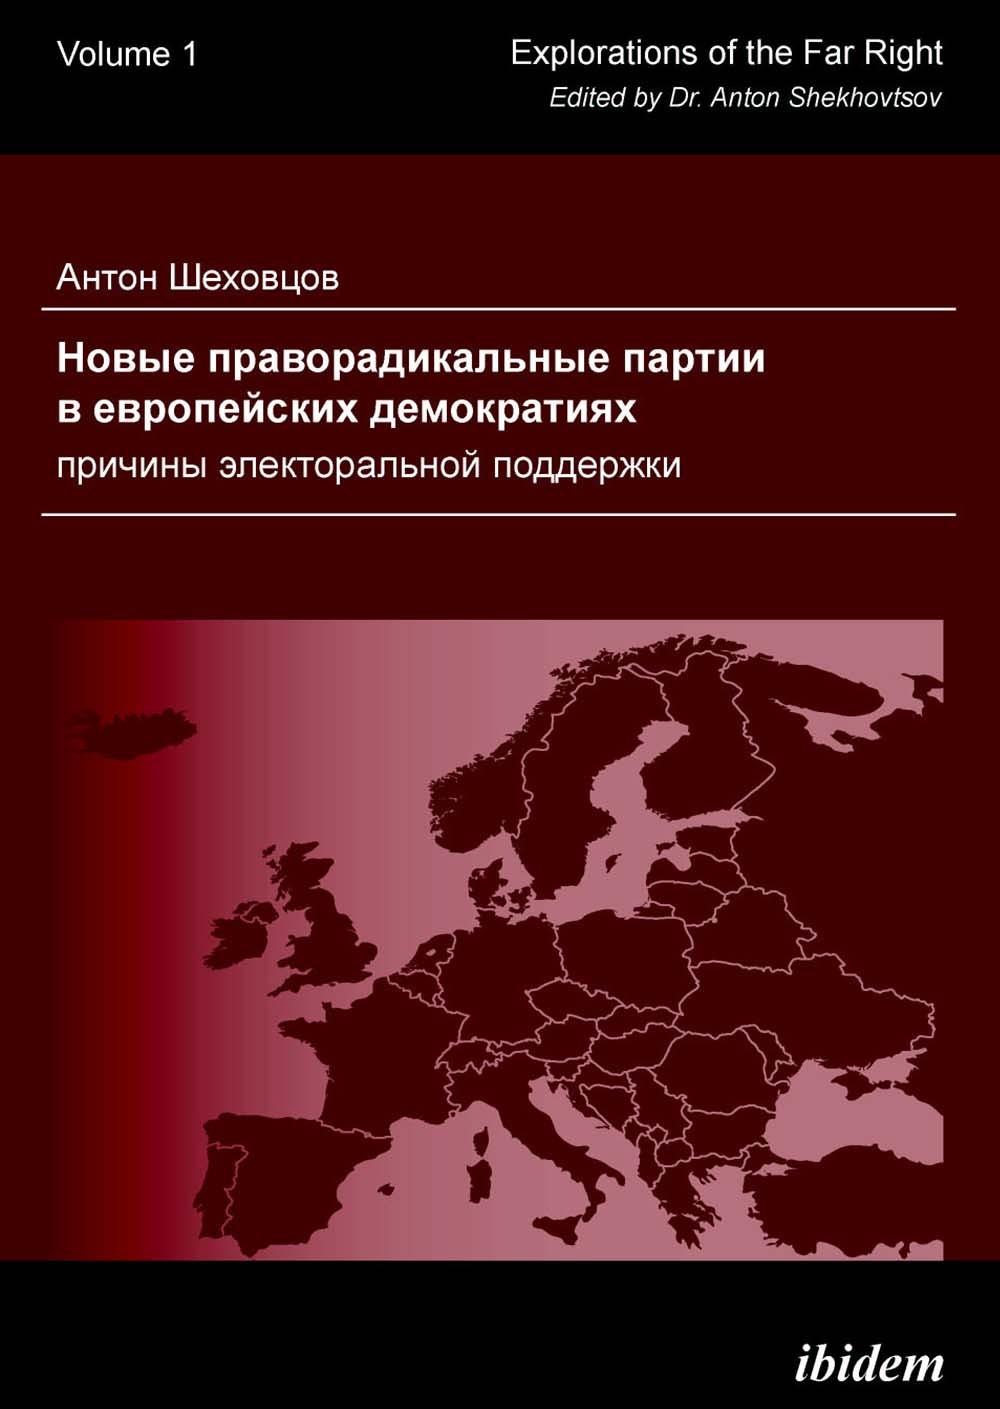 Novye pravoradikal'nye partii v evropeyskikh demokratiyakh: prichiny elektoral'noy podderzhki